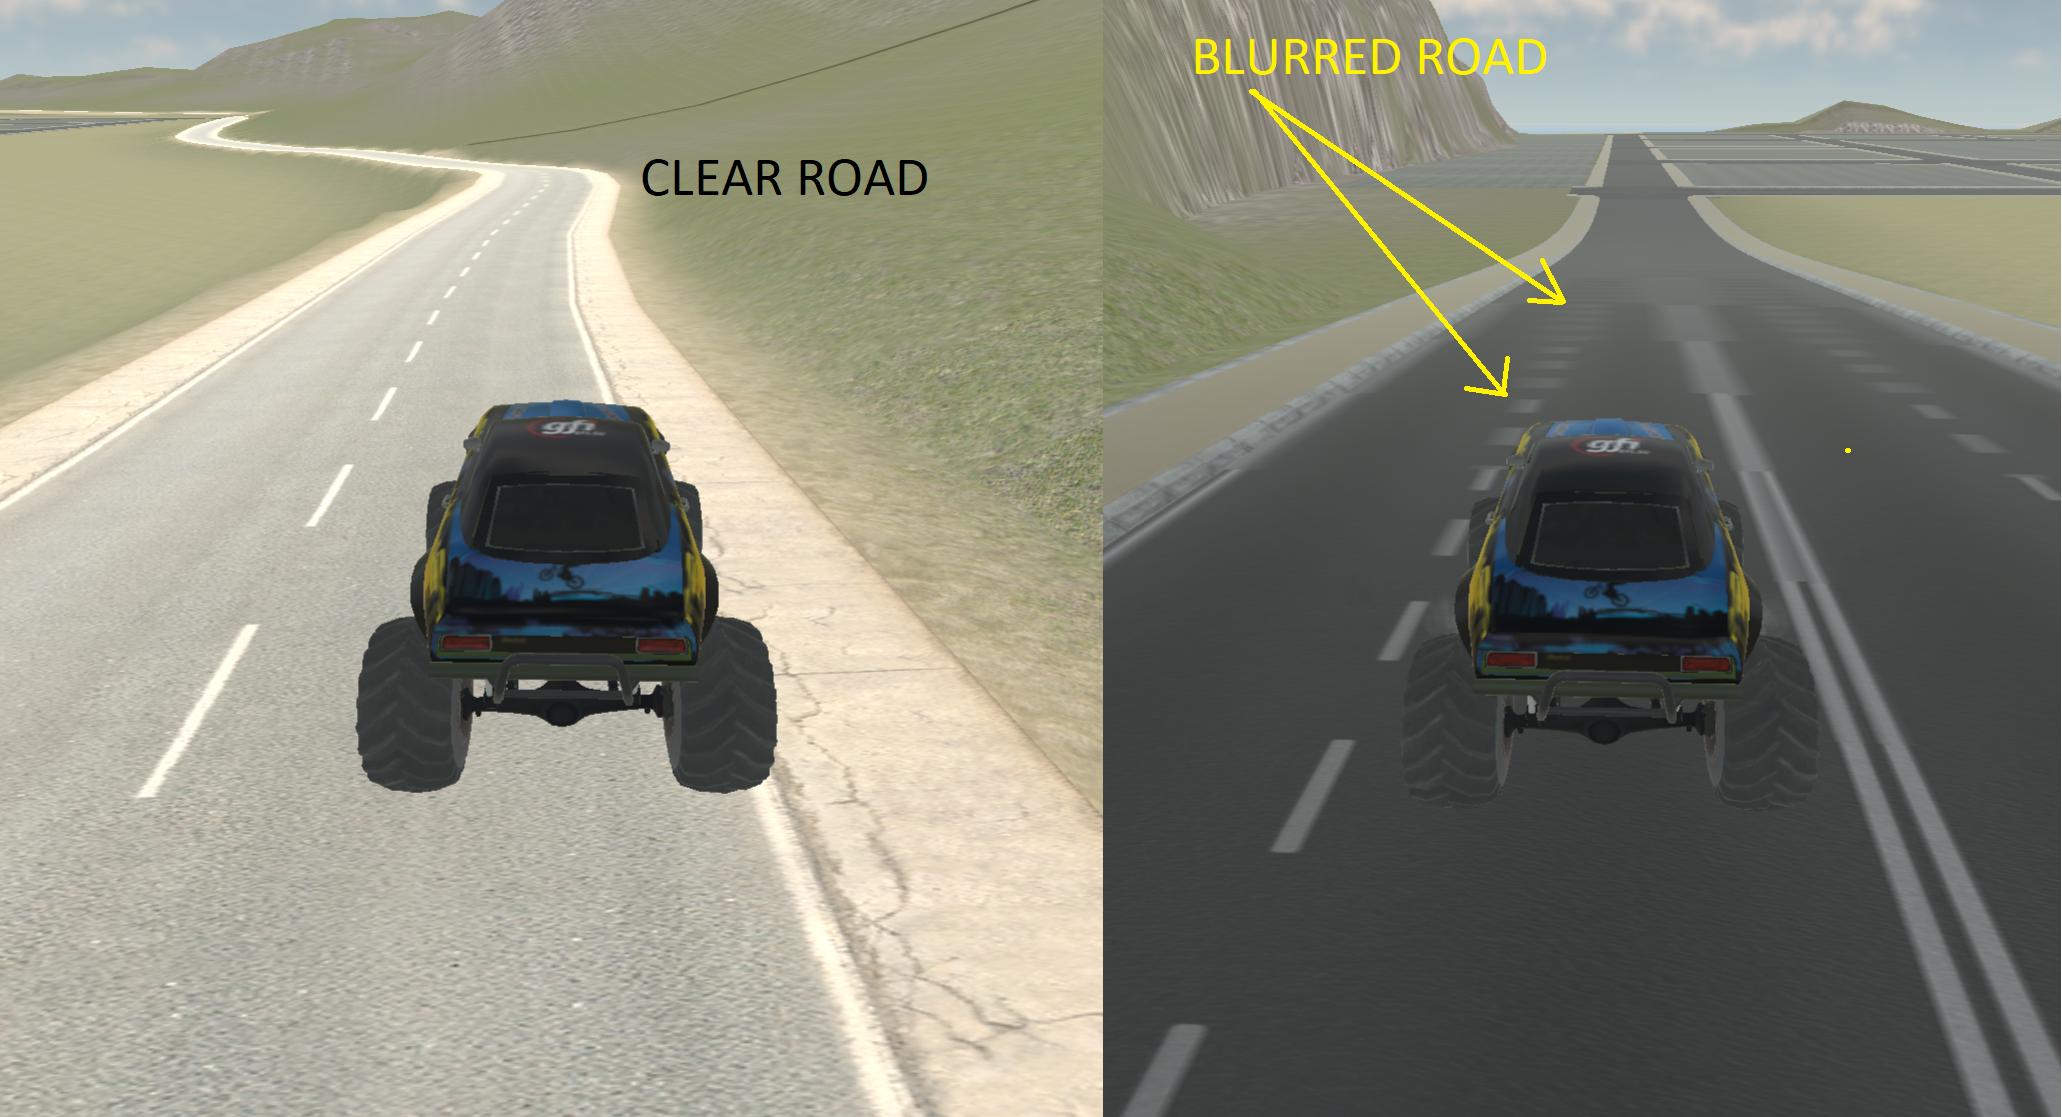 Roads_1.png